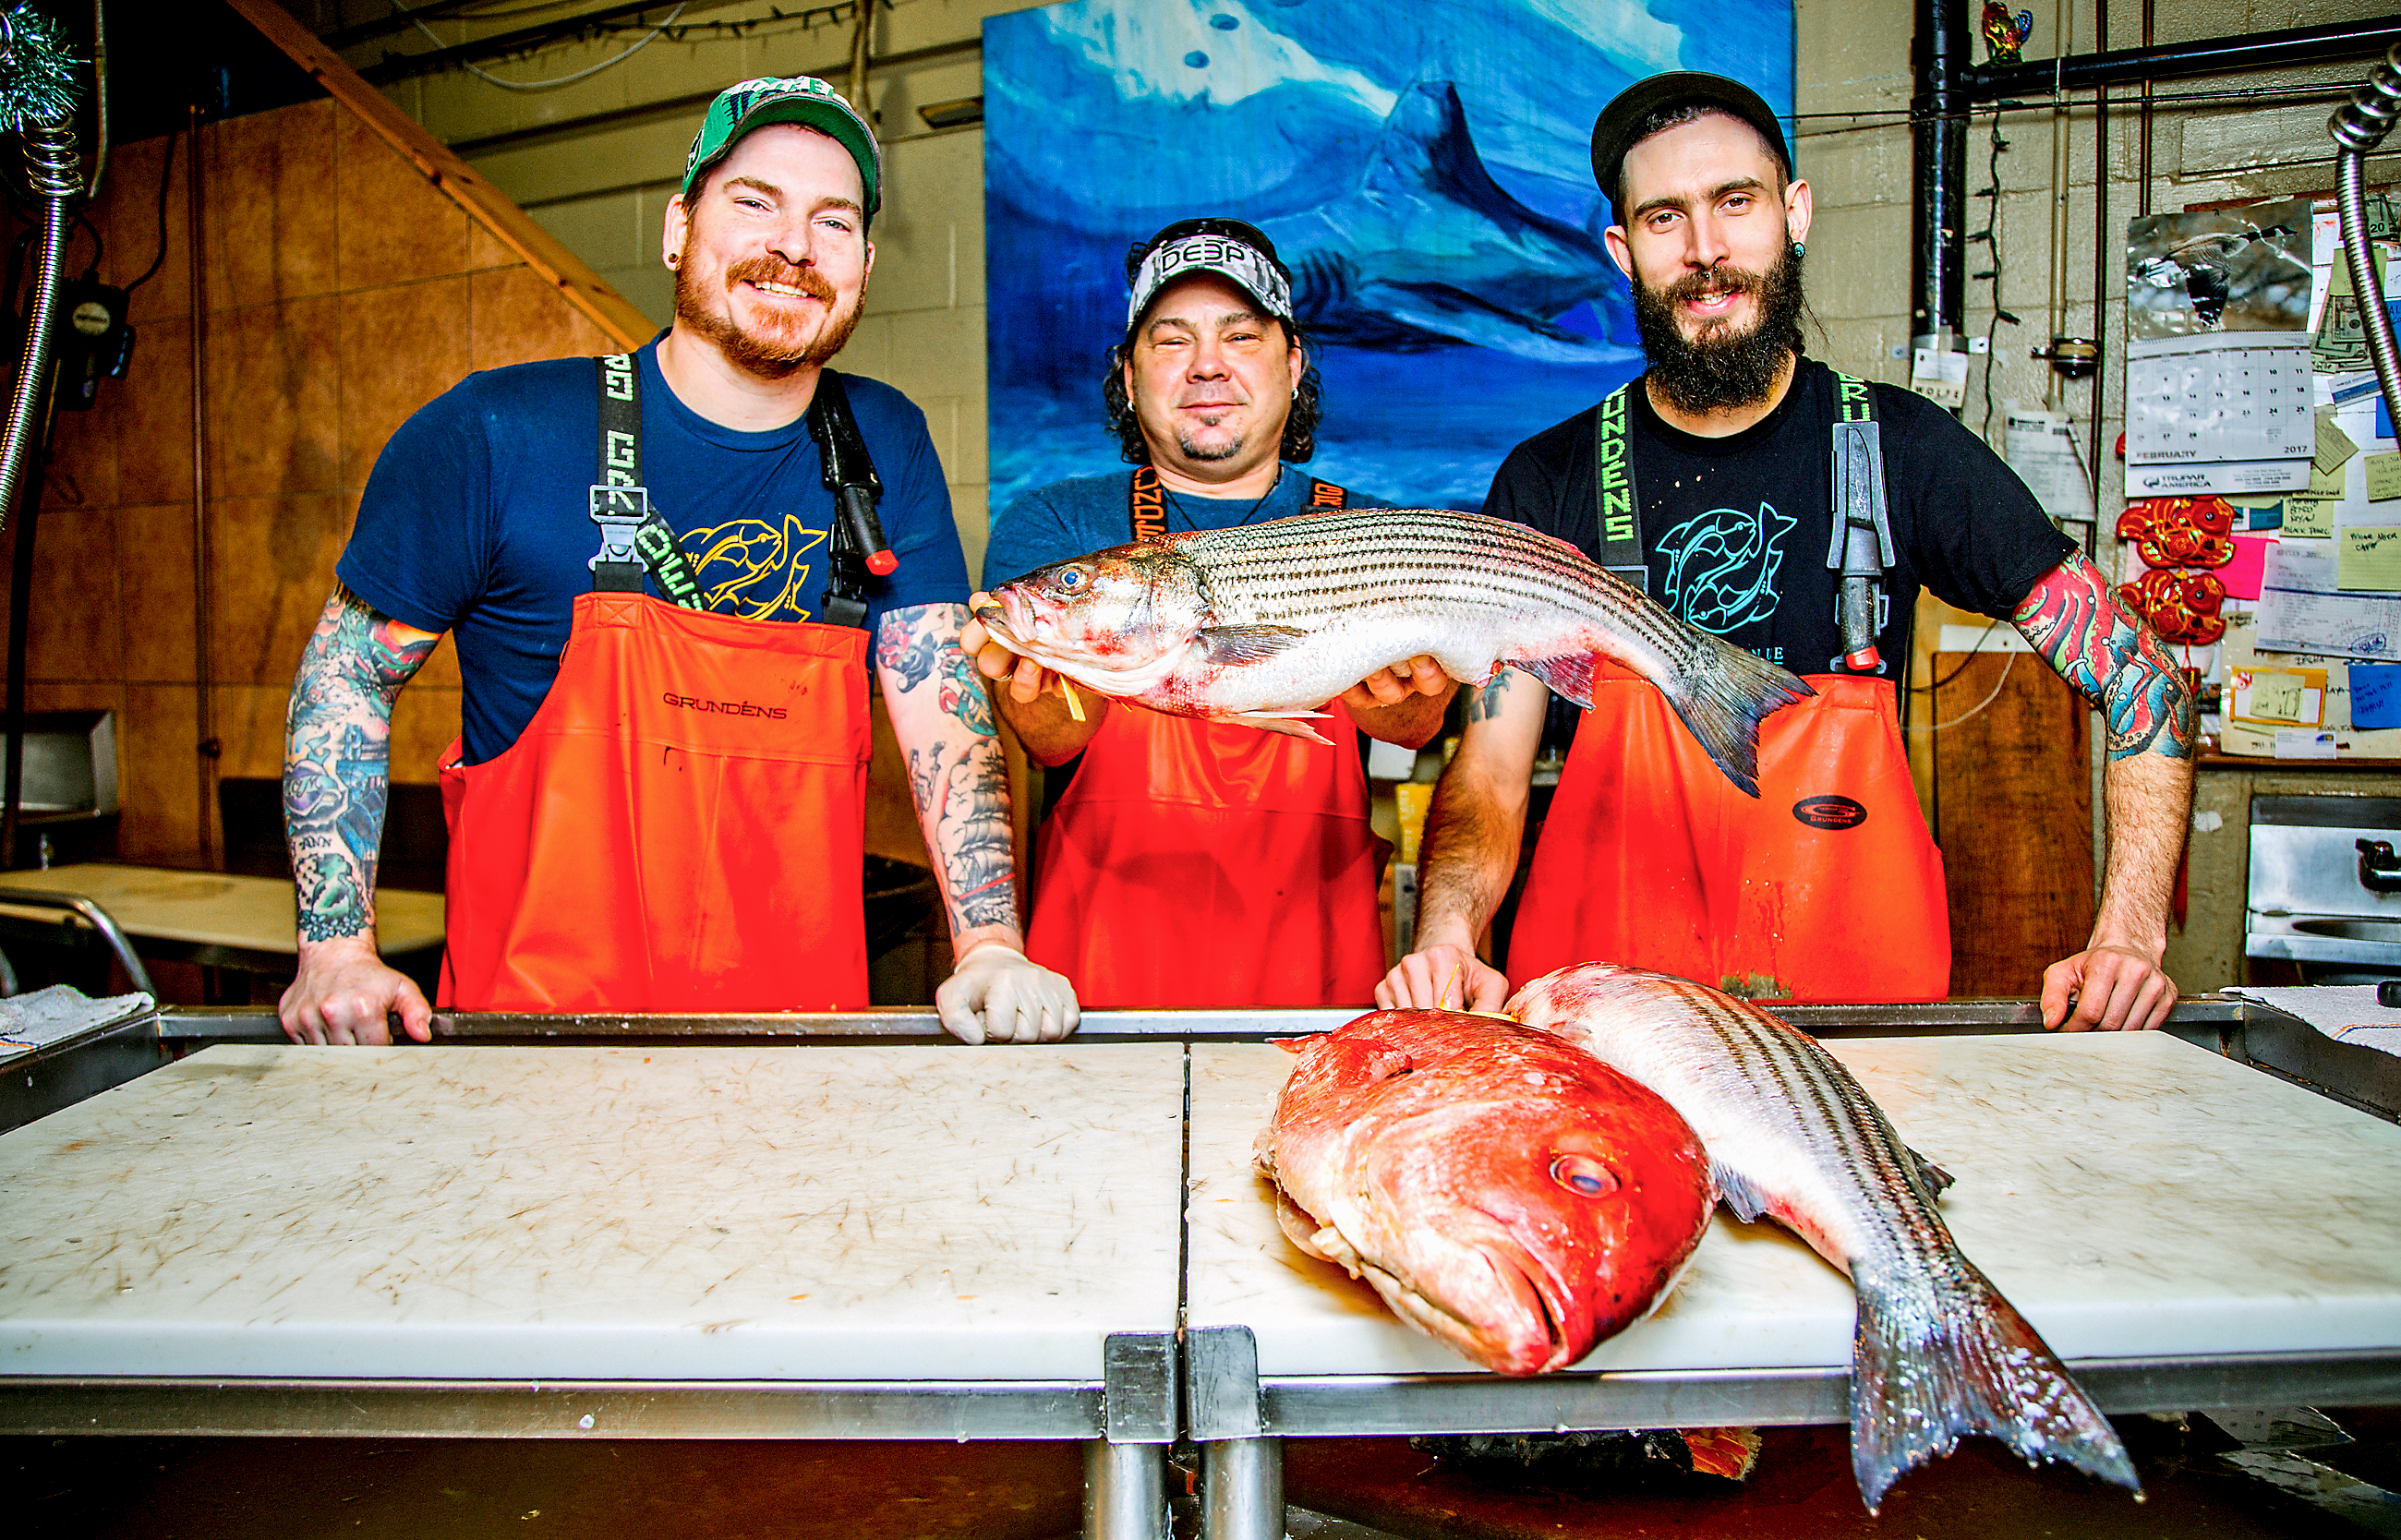 20170222arFishinStrip05-3 From left, Tim Reynolds, senior fishmonger, Henry Dewey, owner and Kyle Houghtelin, fishmonger, at Penn Avenue Fish Co.